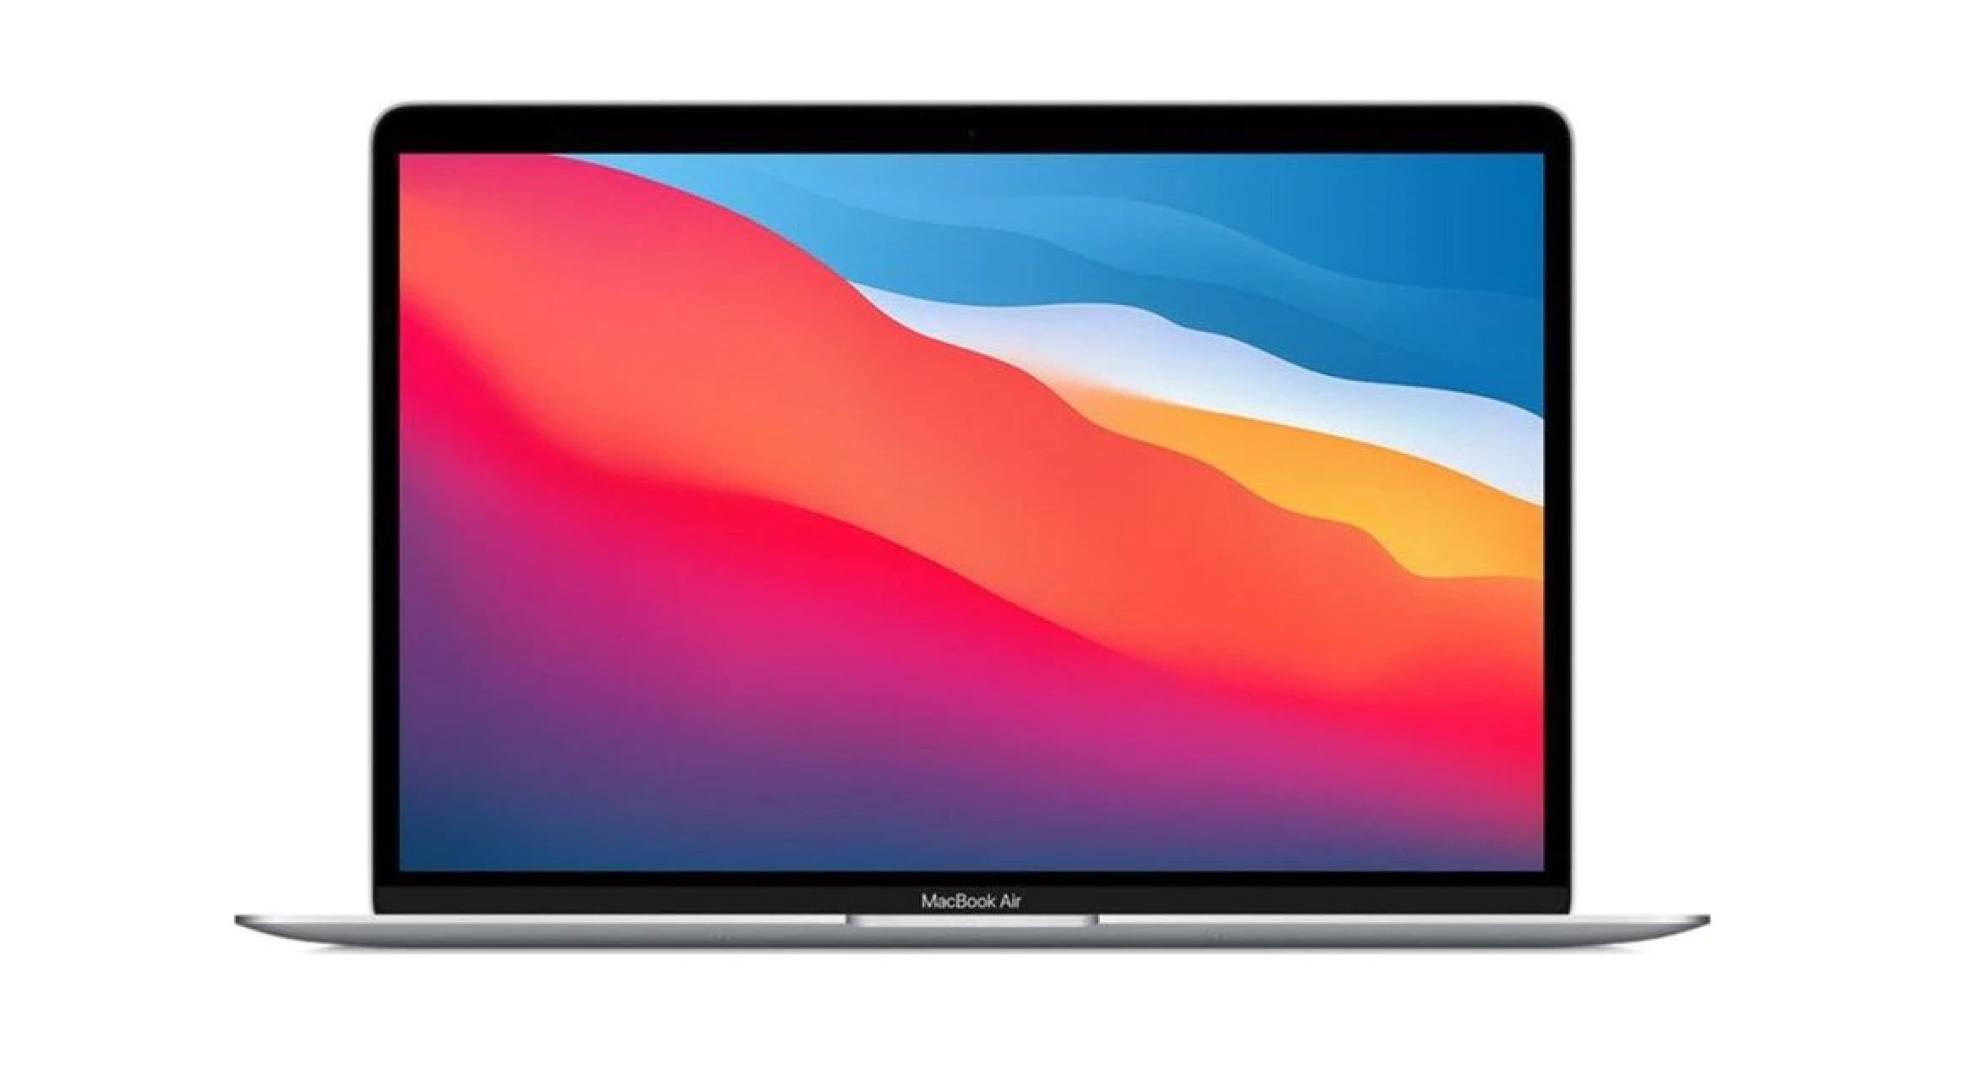 Le MacBook Air M1, avec un SSD de 512 Go et 16 Go de RAM, a droit à 145 euros de réduction